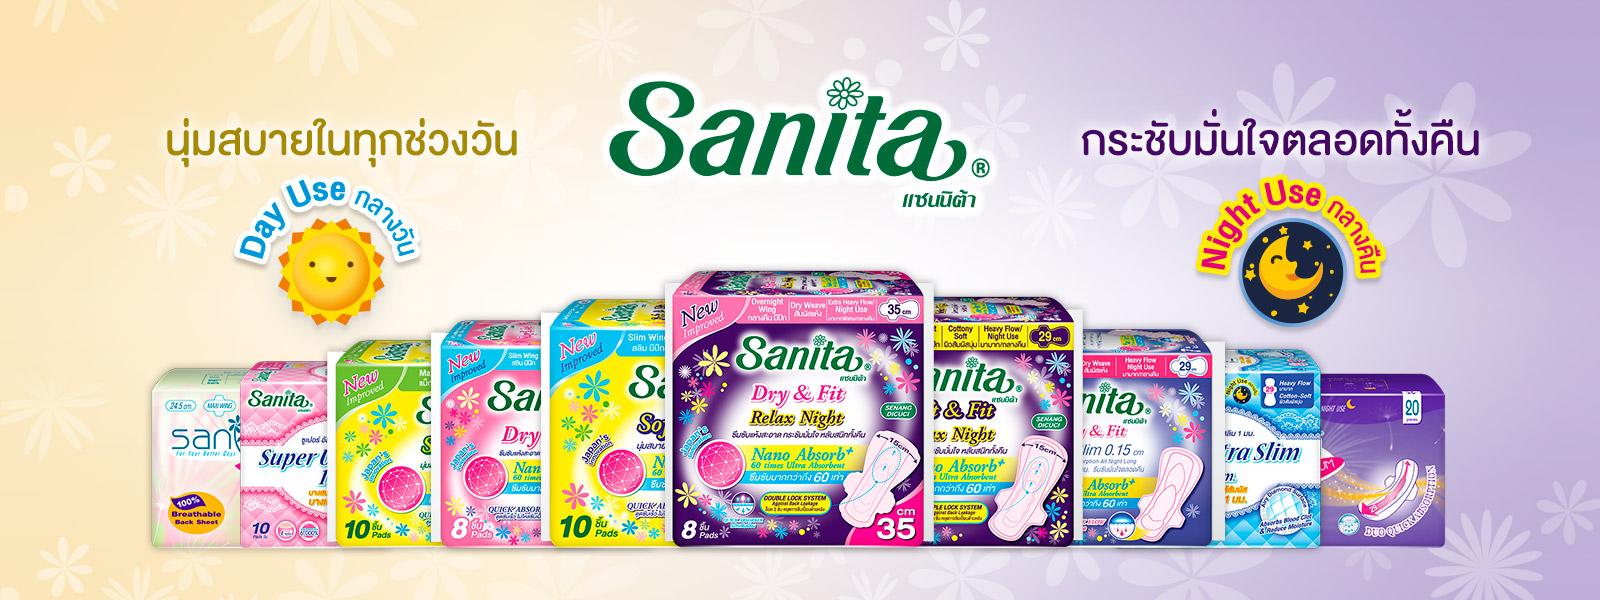 sanita sanitary pads ผ้าอนามัย แผ่นอนามัย